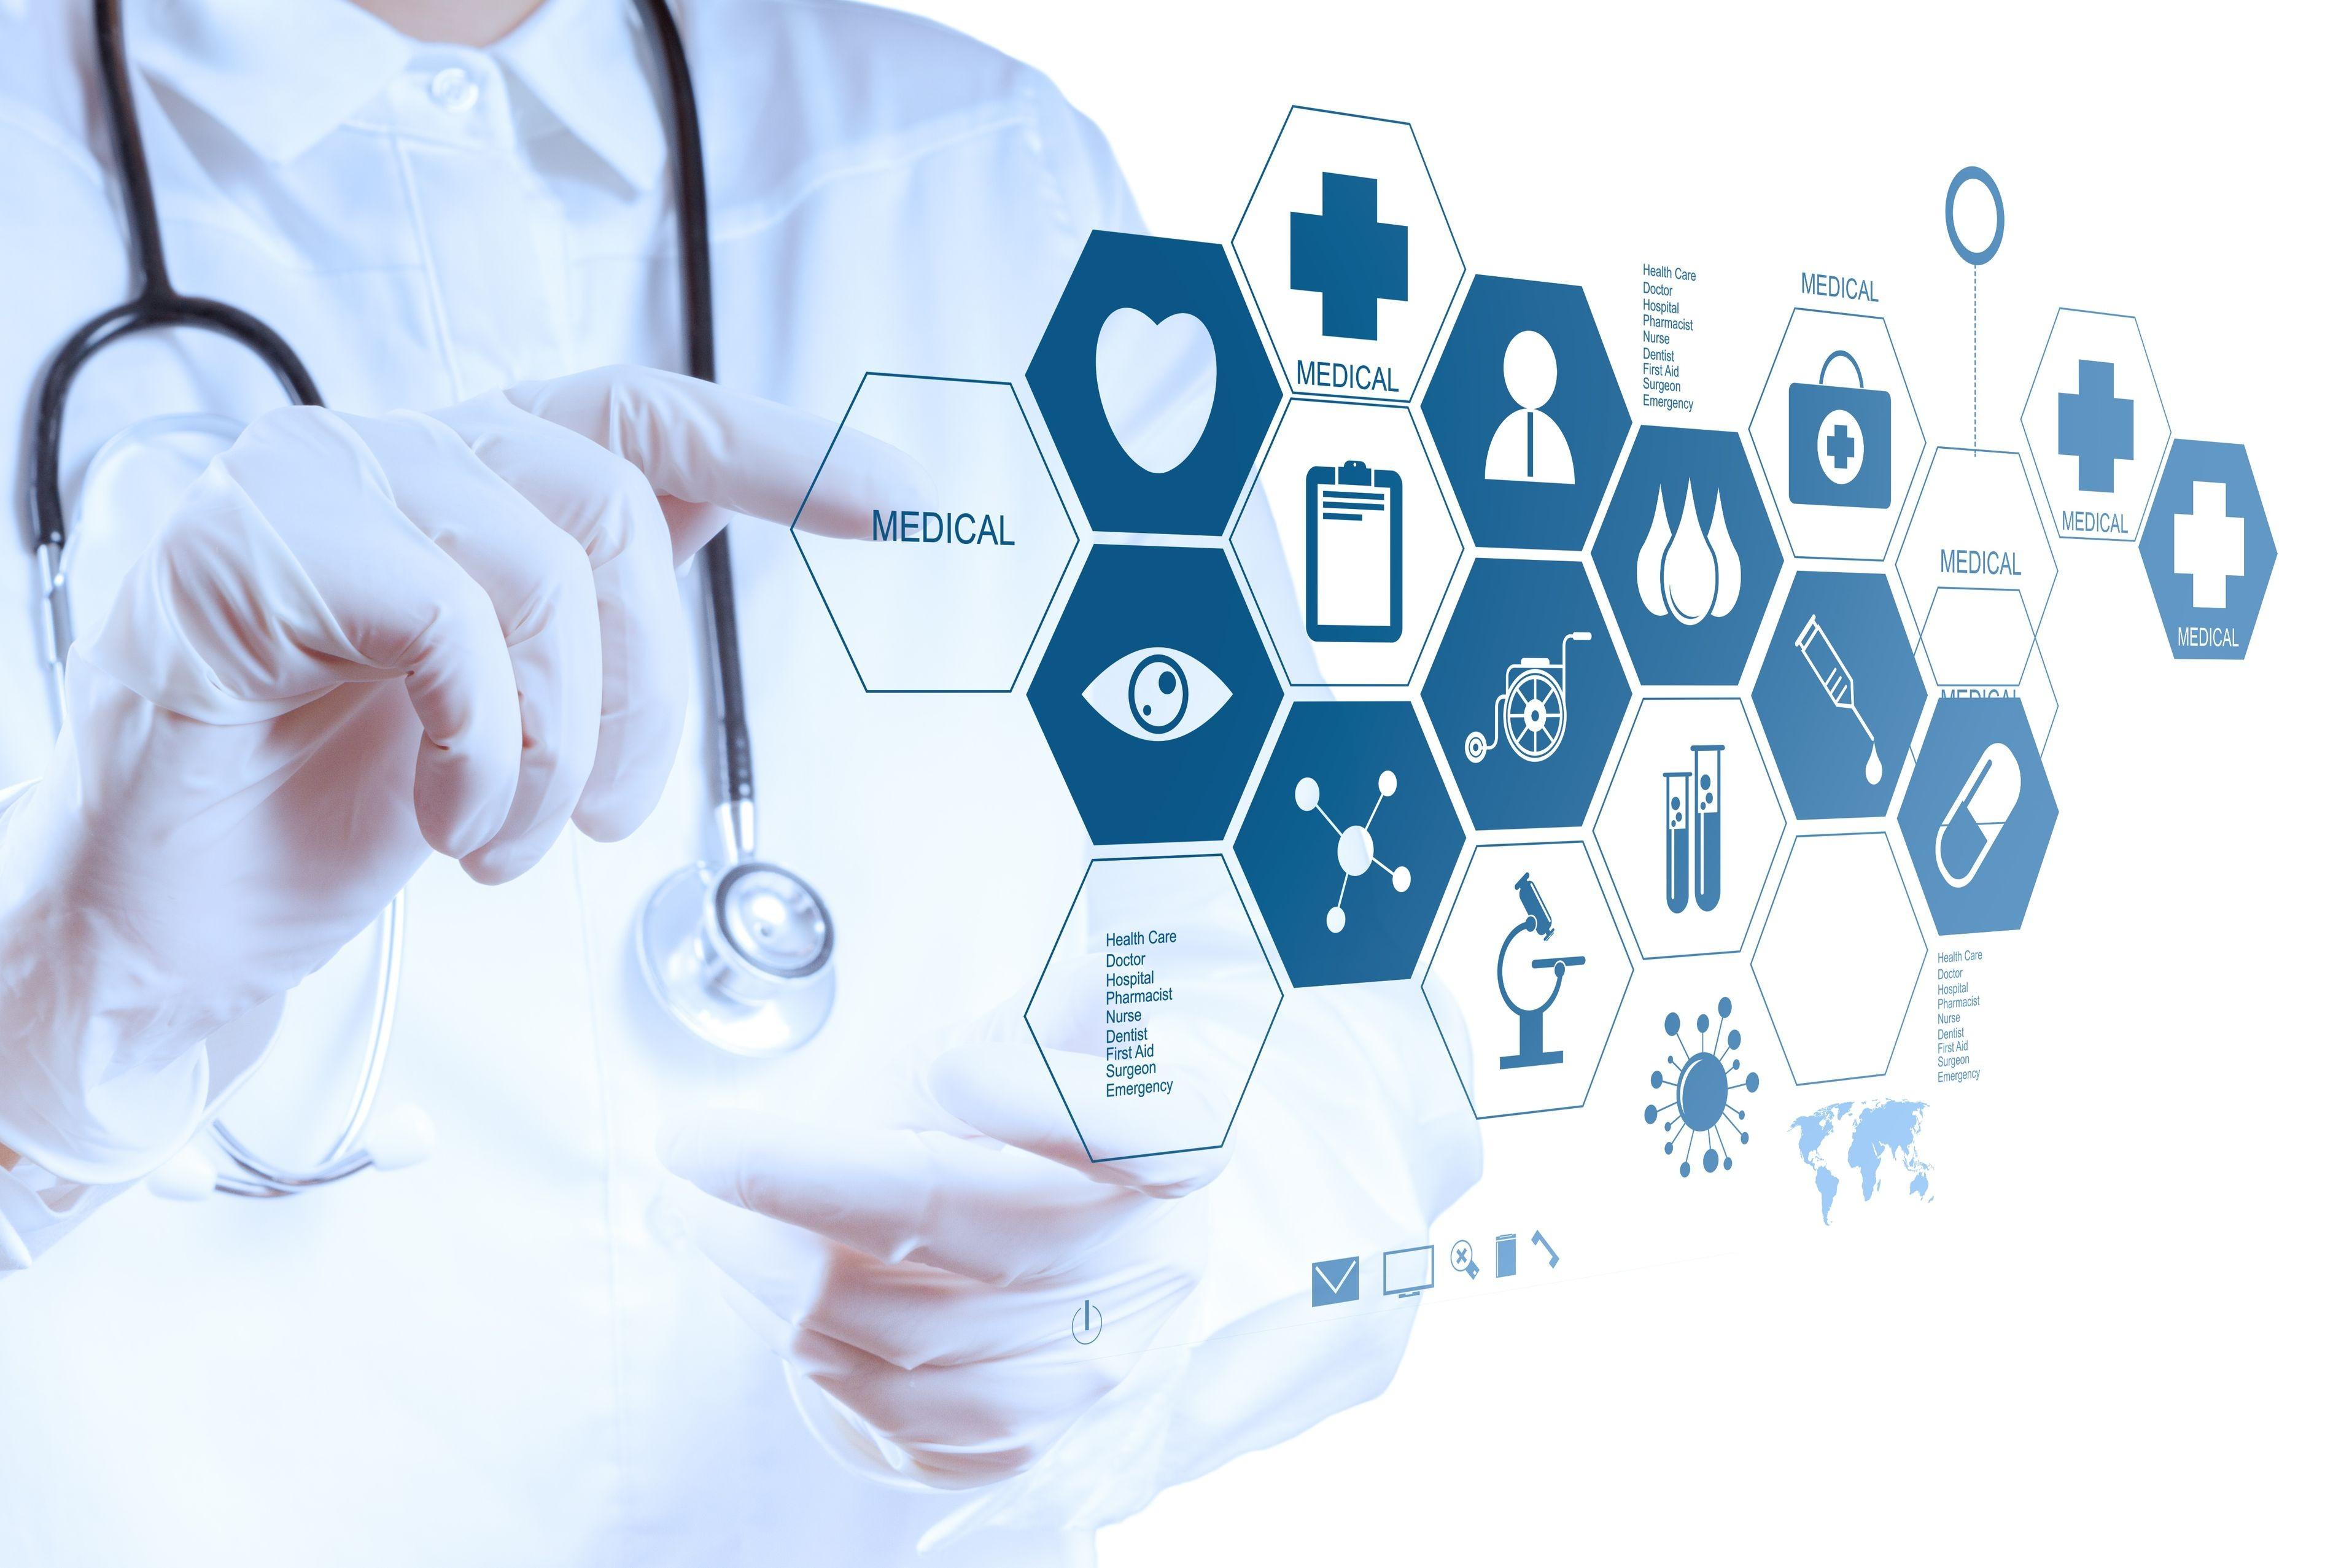 Скільки коштуватиме українцям «безкоштовна» медицина у 2017 році